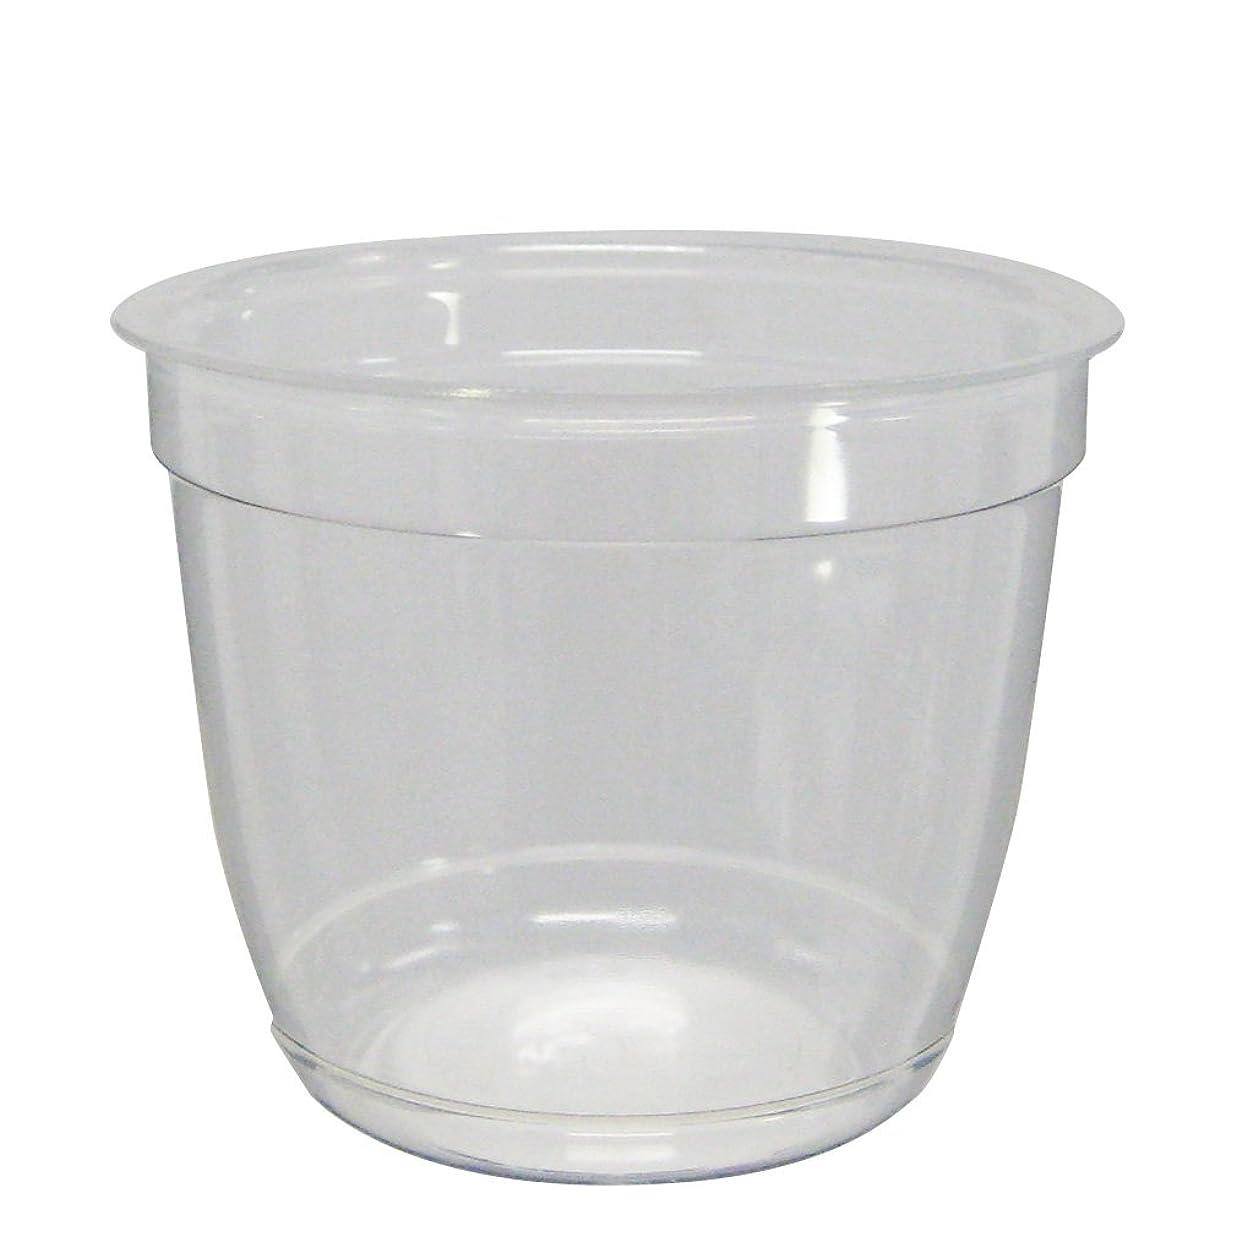 船形カビ王女旭化成パックス 透明デザートカップ 40P(推奨容量120ml、満杯容量145ml) DIP-145 口径71mm